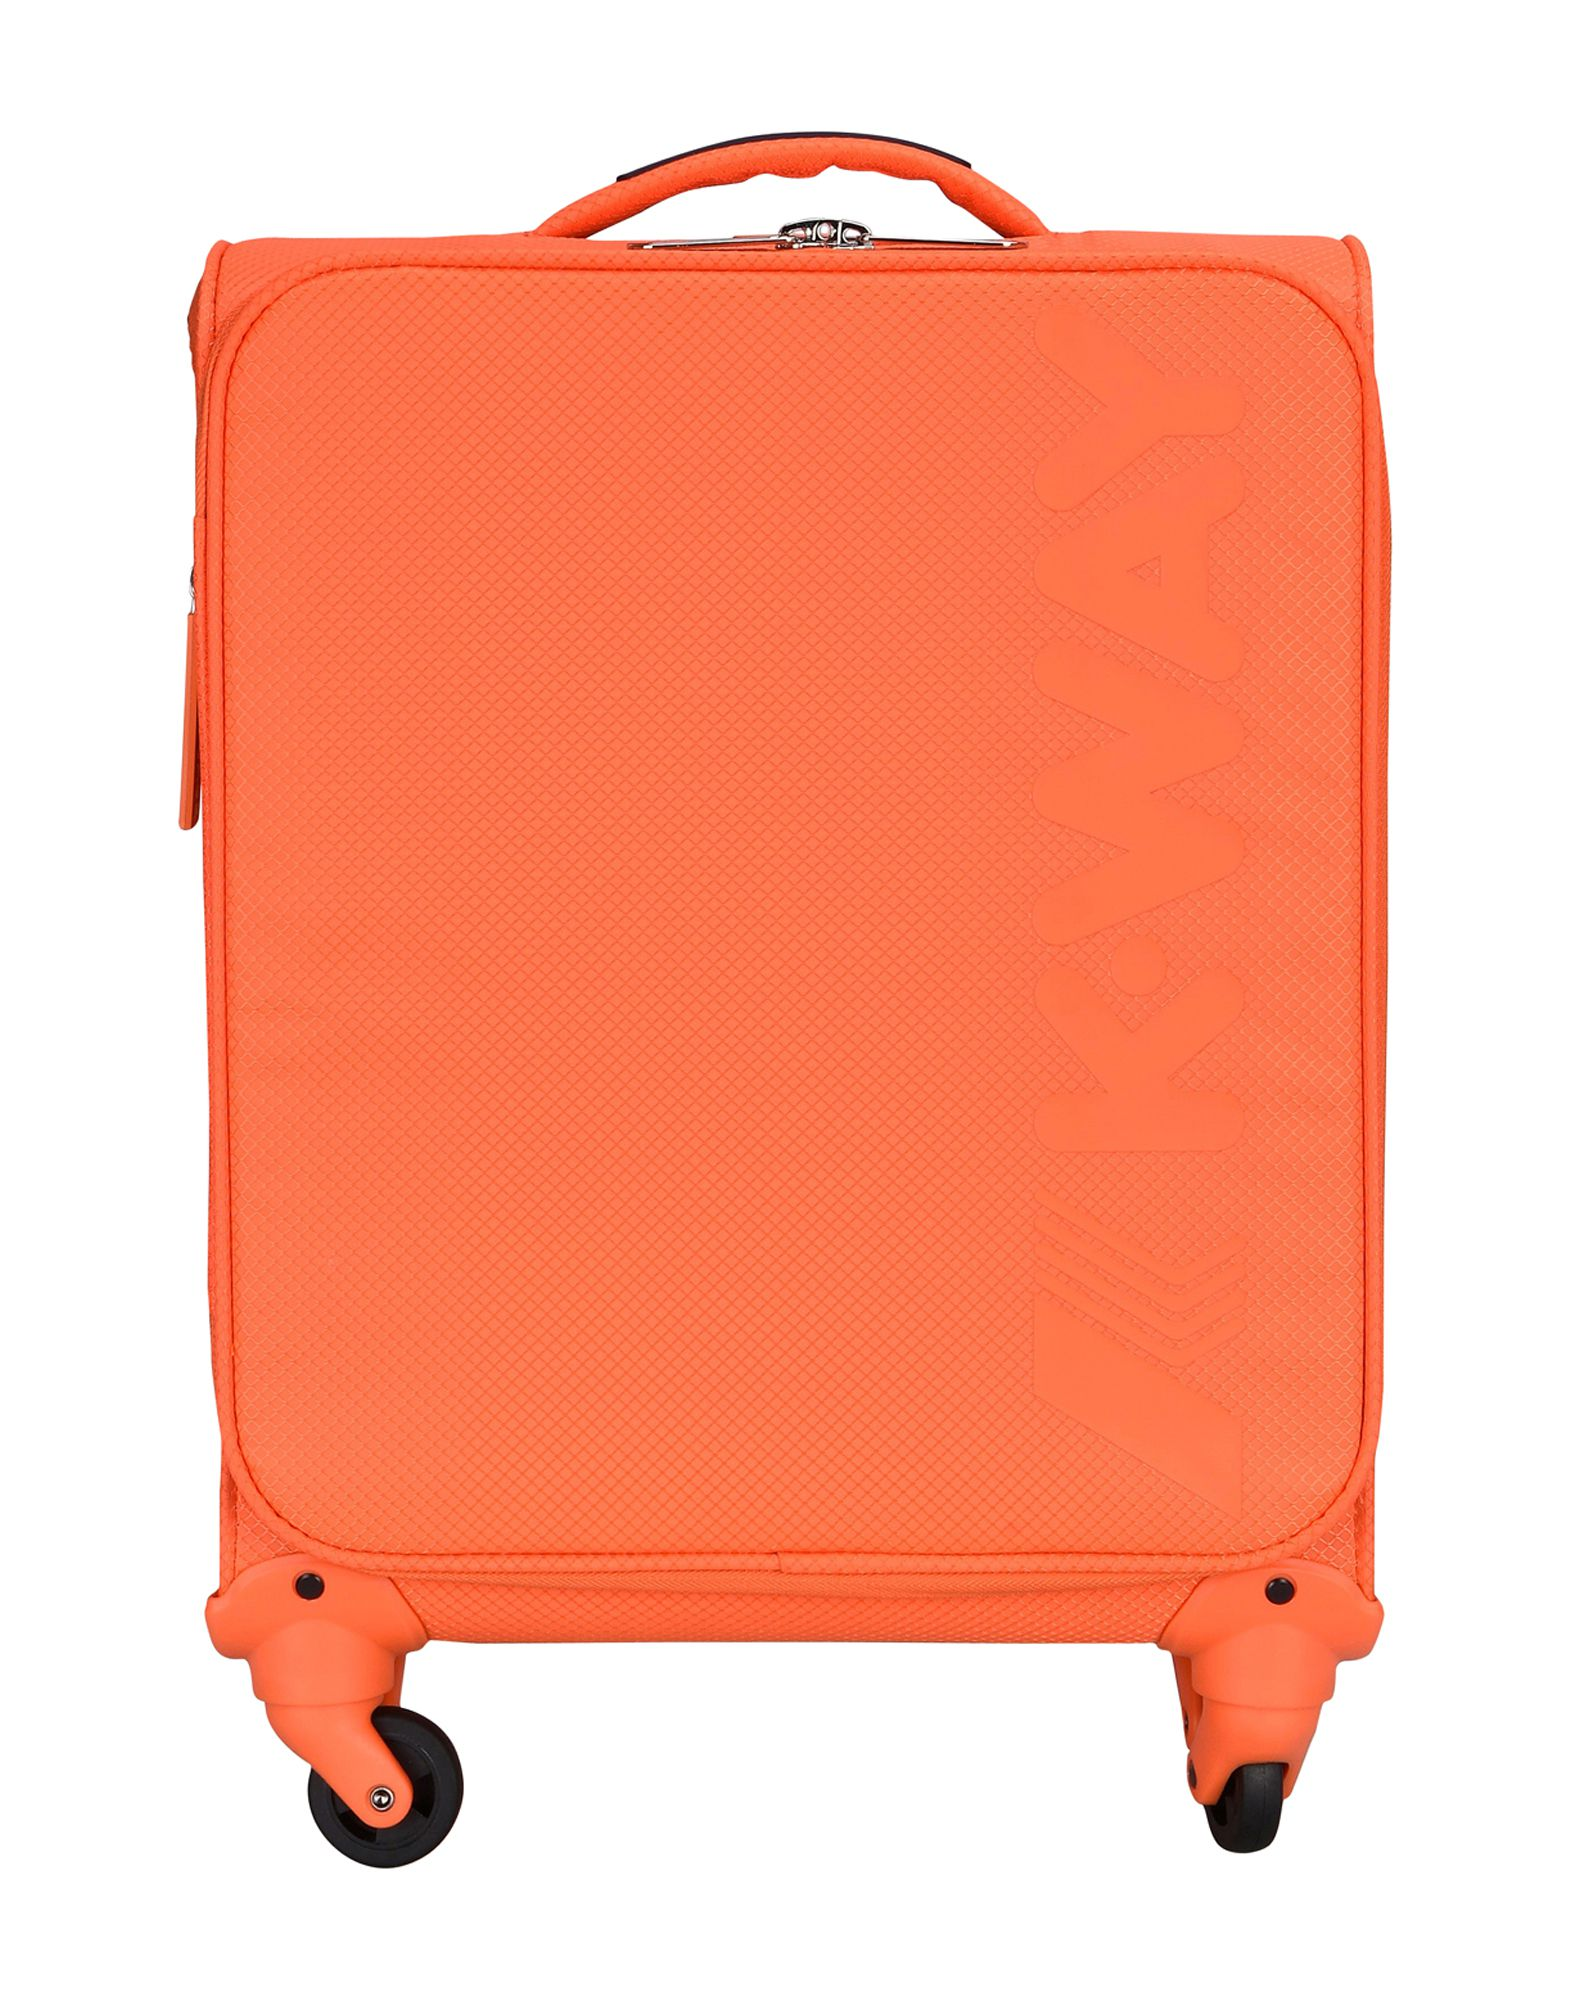 ユニセックス K-WAY キャスター付きバッグ オレンジ